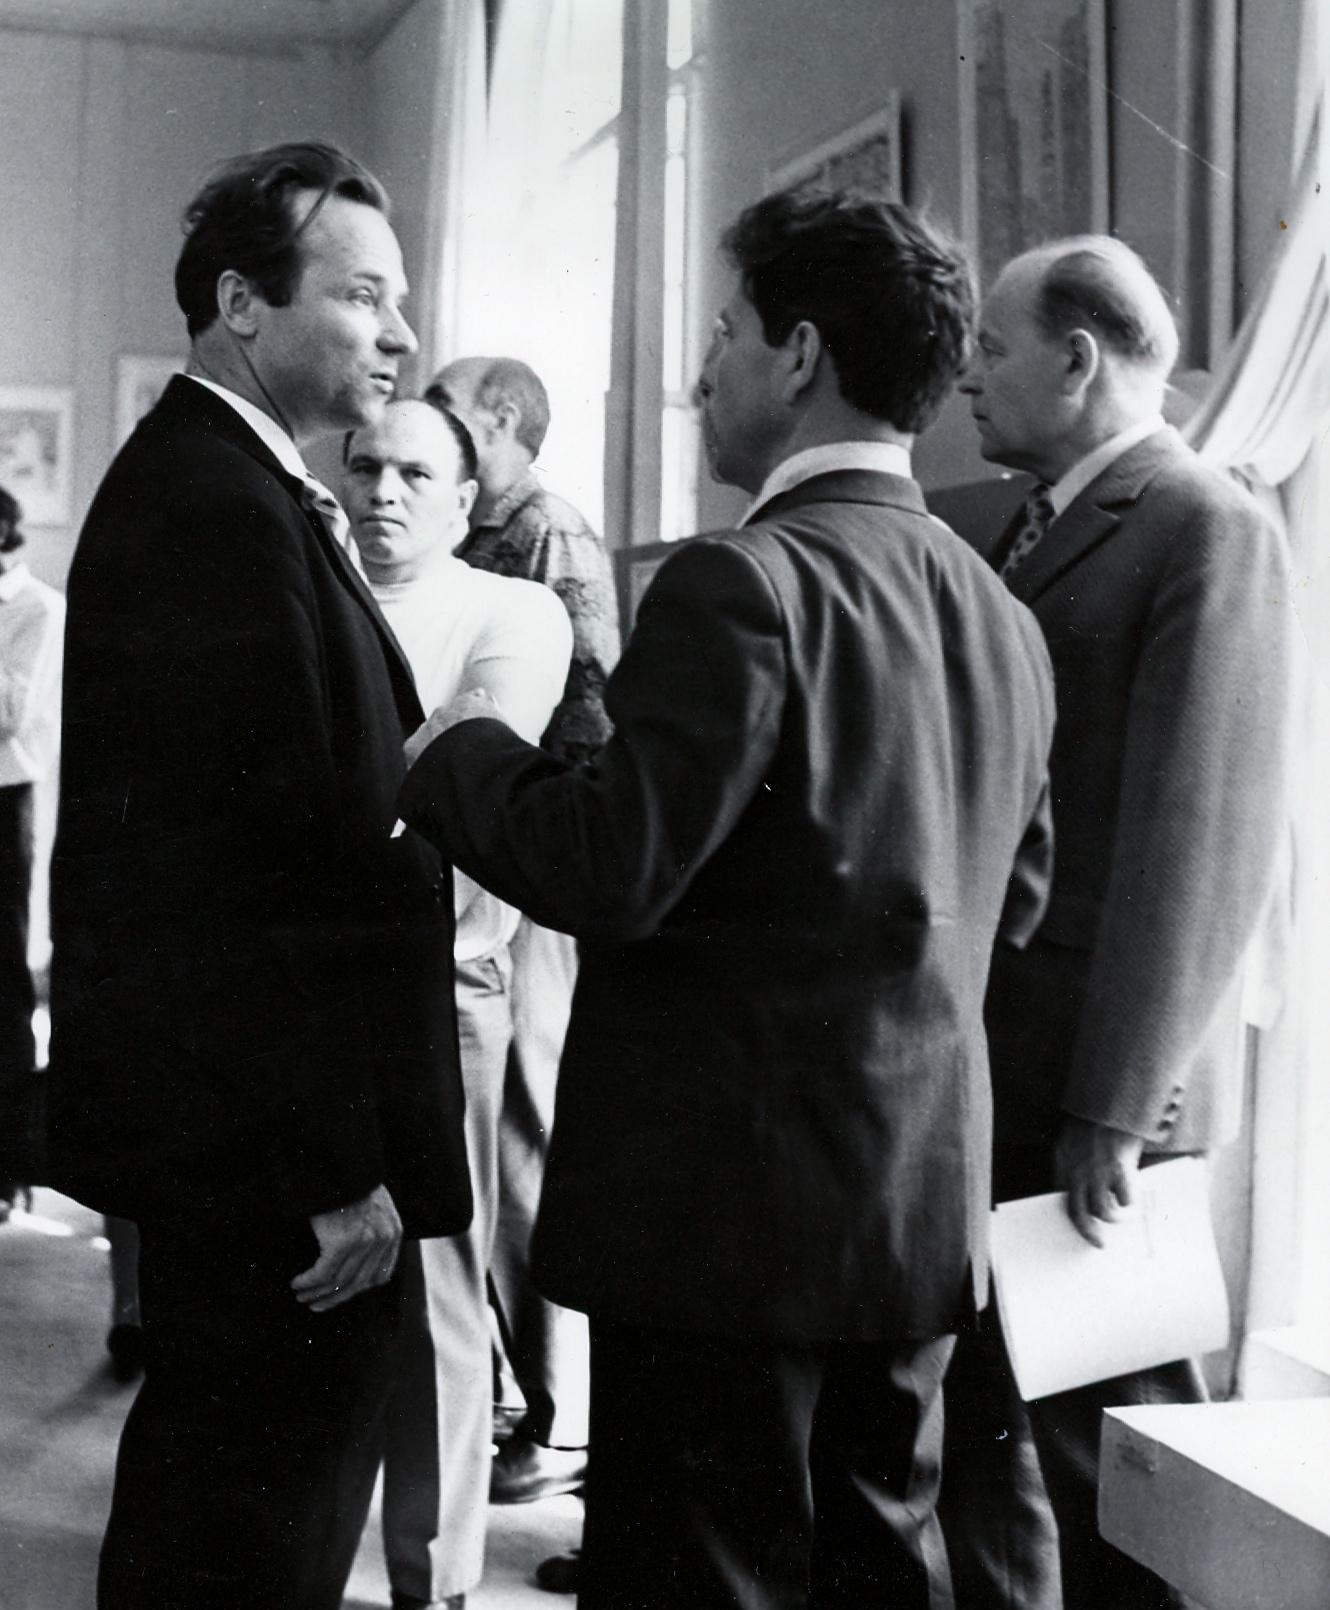 Nikireyev et Feoktistov